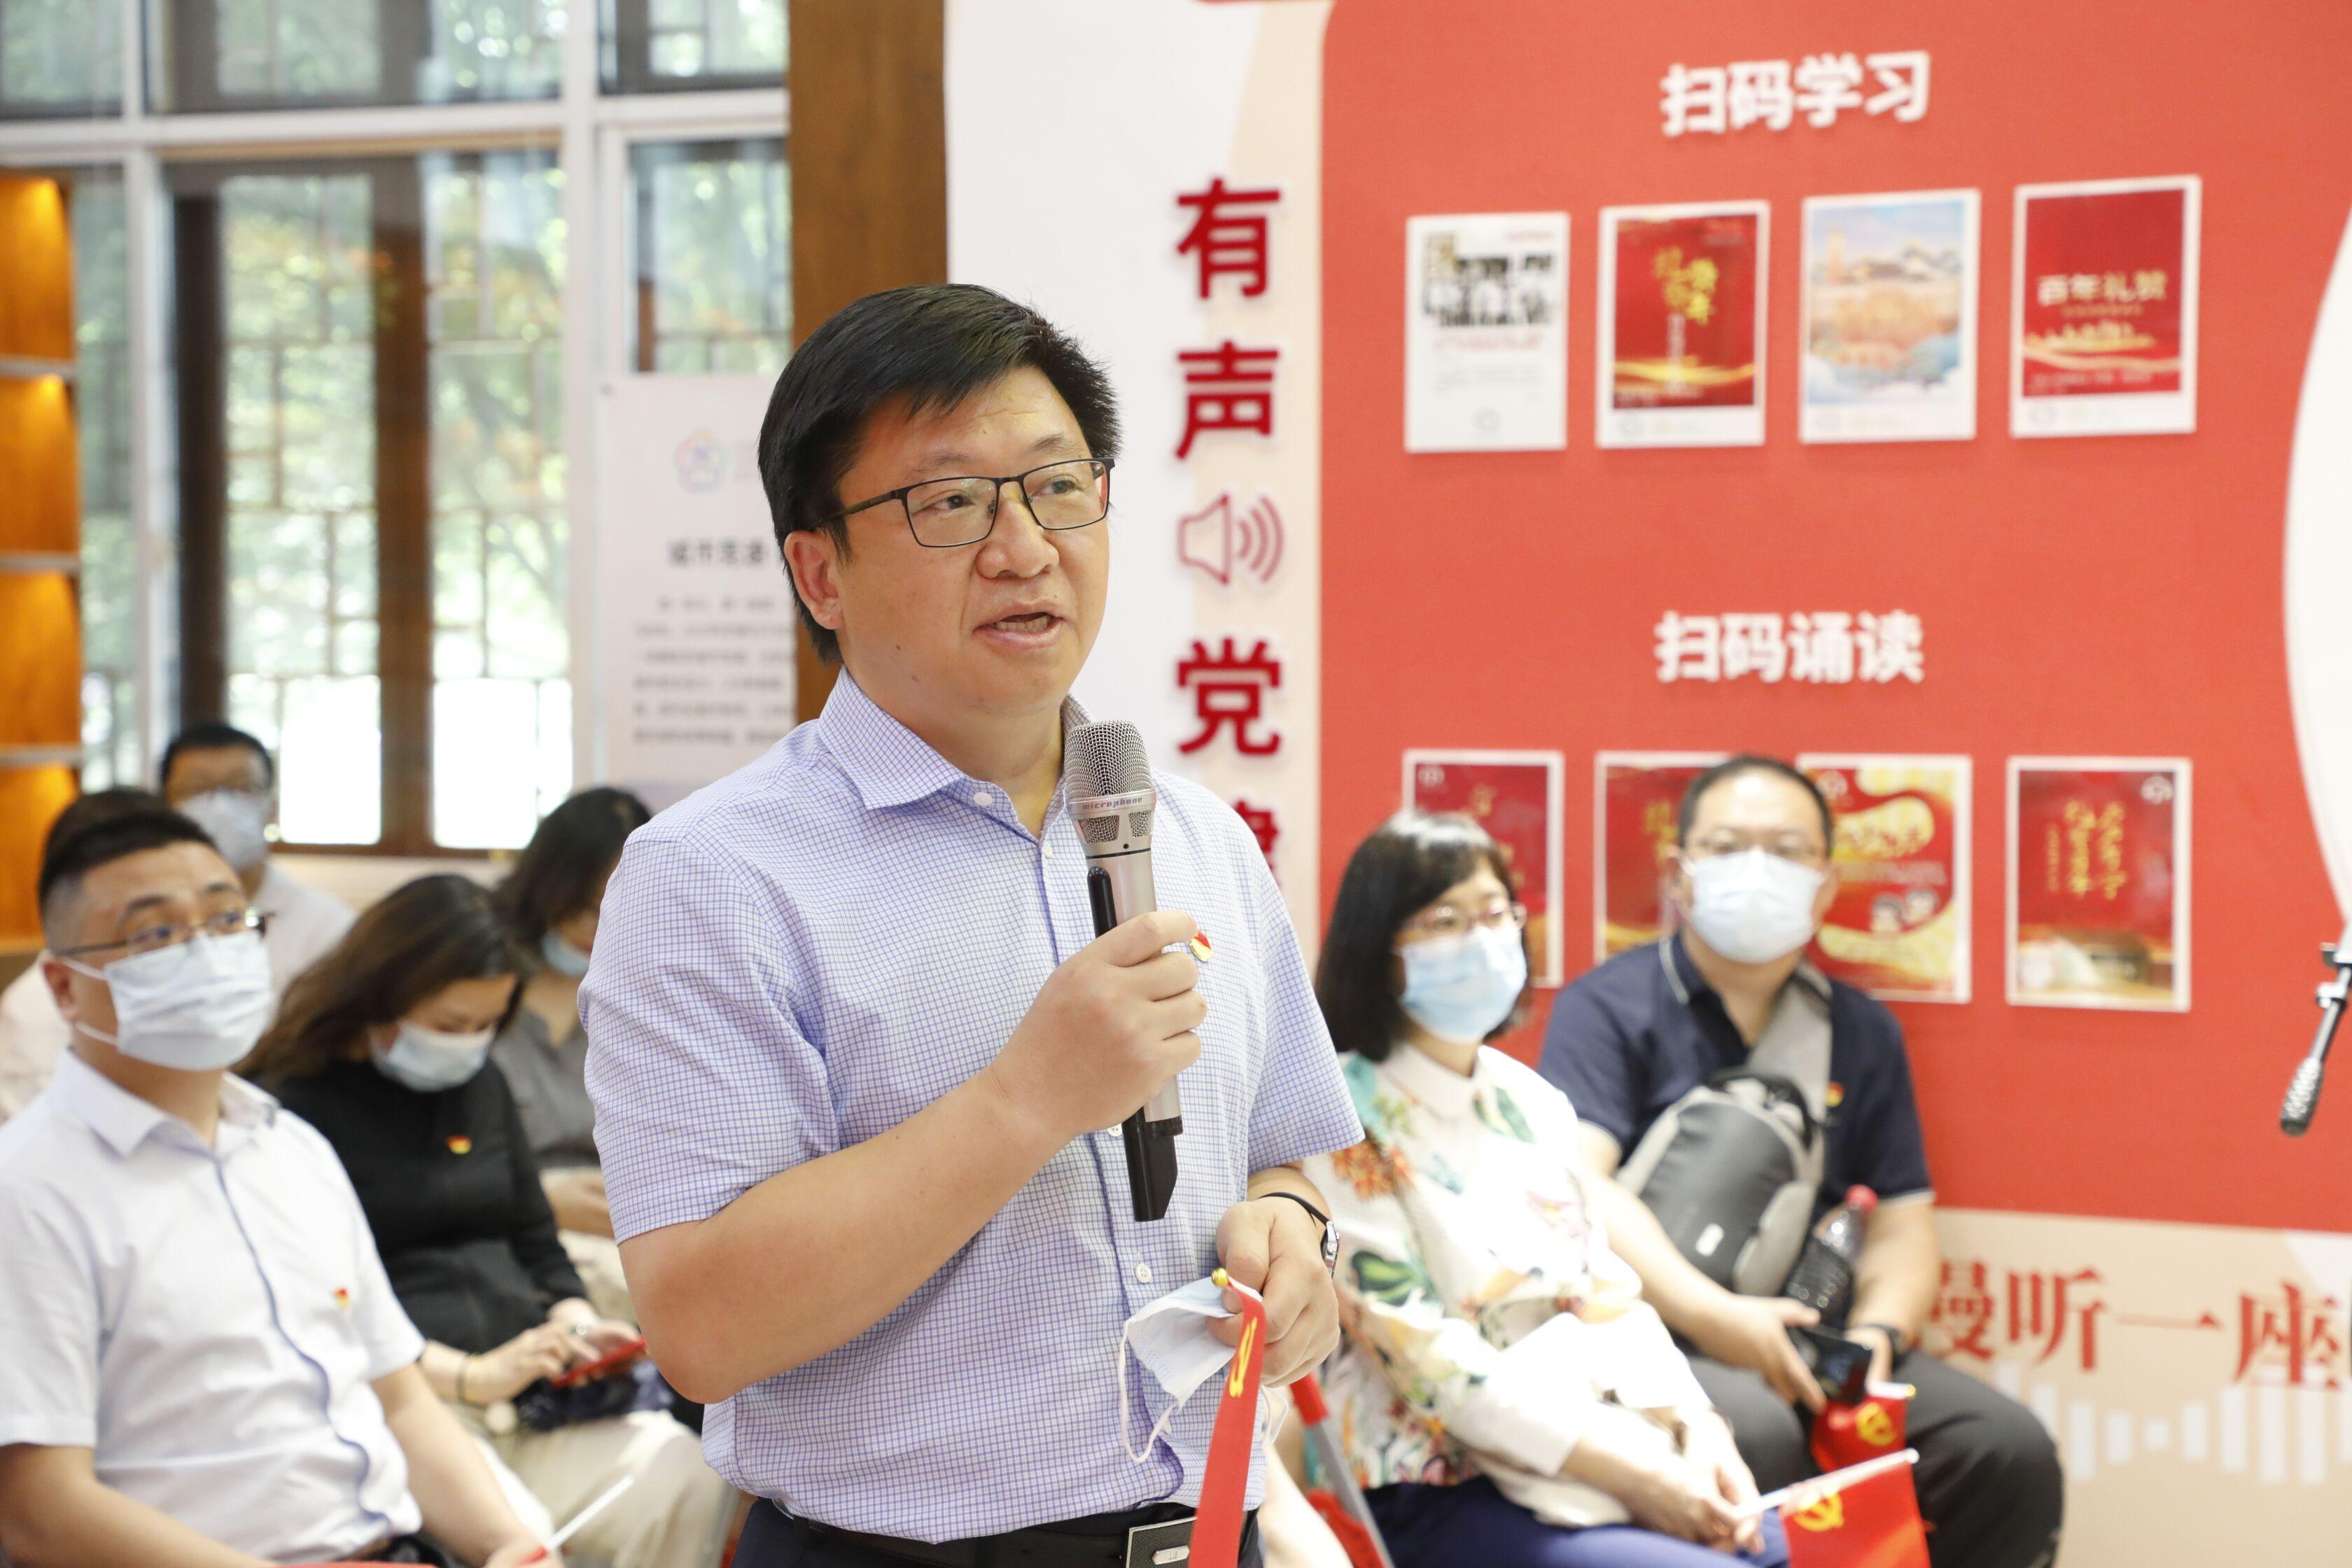 集团党委书记王嵬谈参观学习感悟。